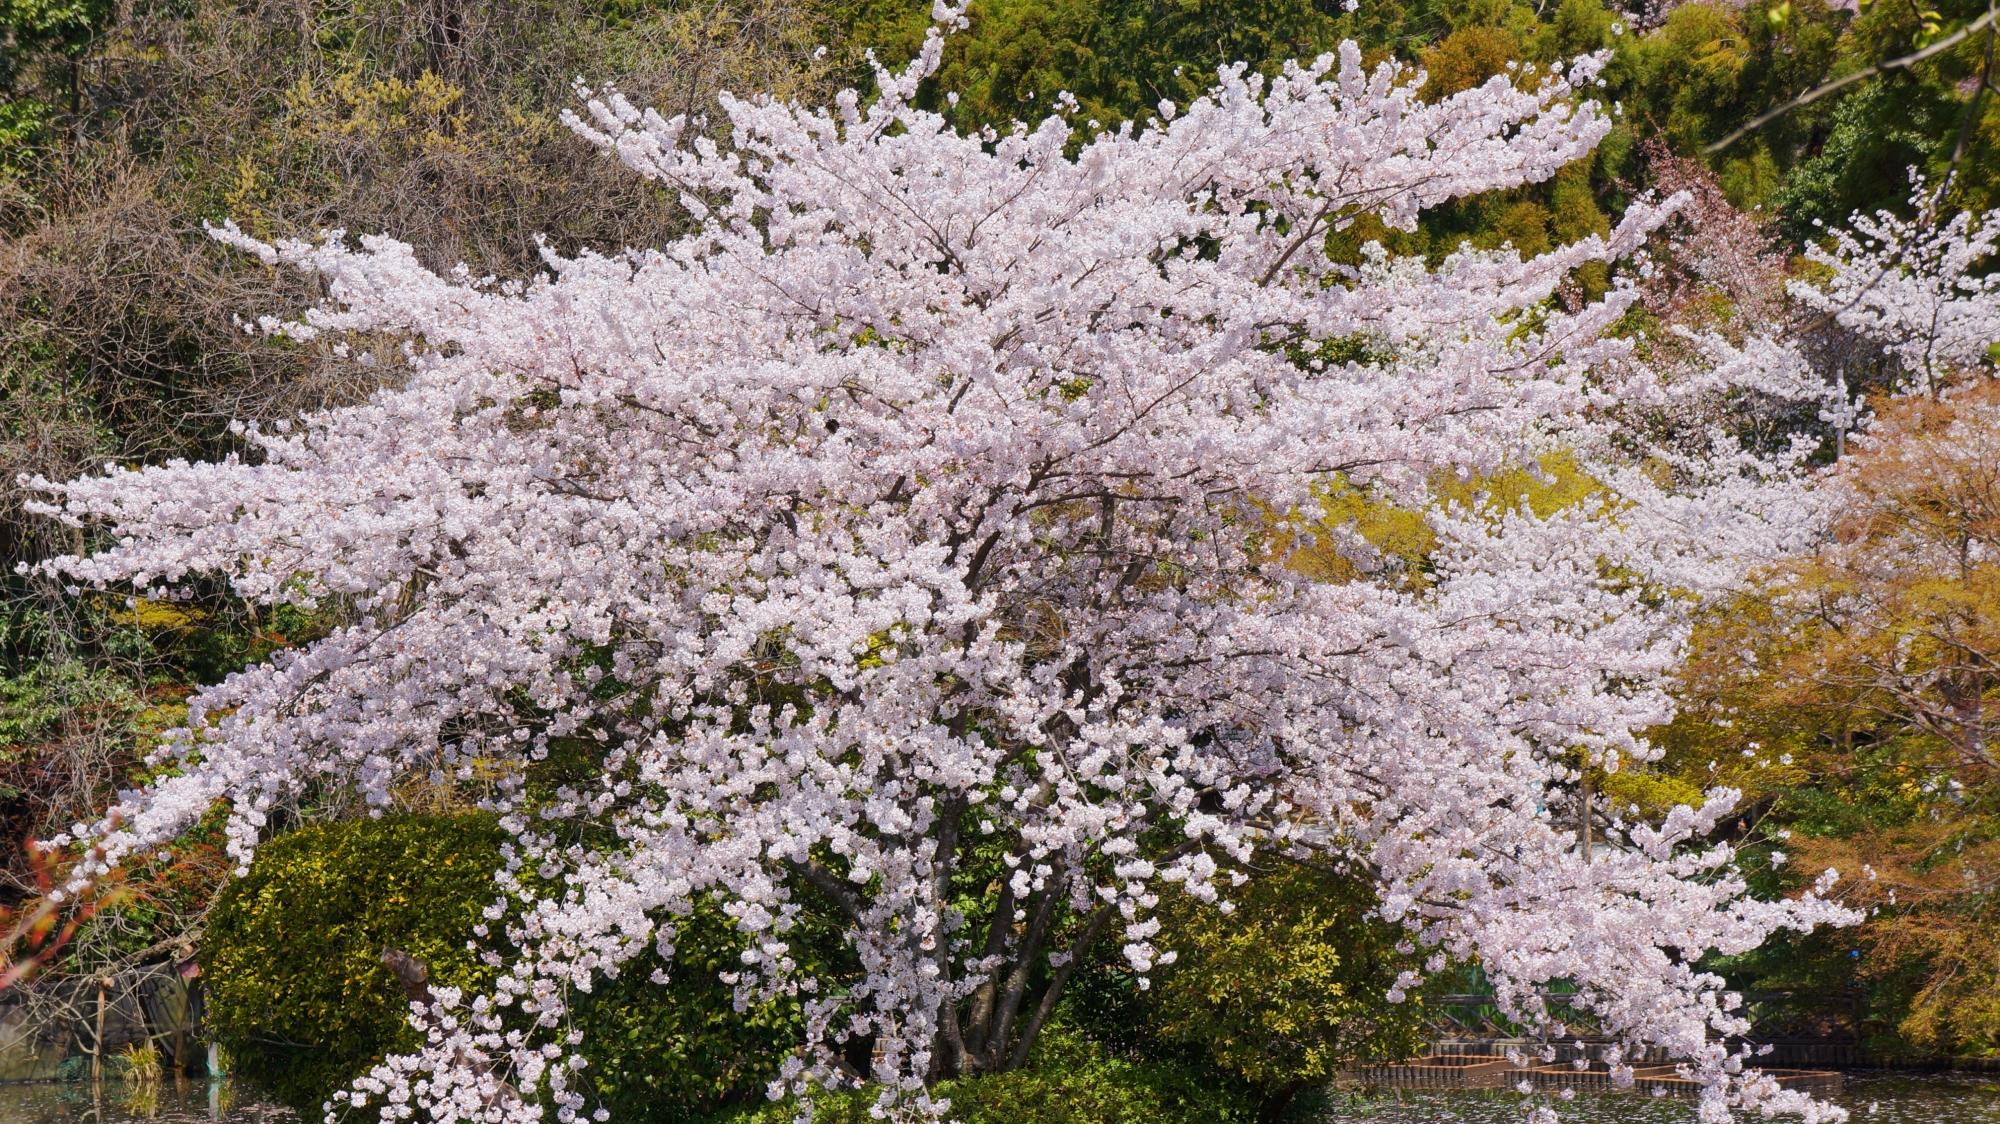 満開の花をいっぱいにつけた枝を優雅に広げる桜